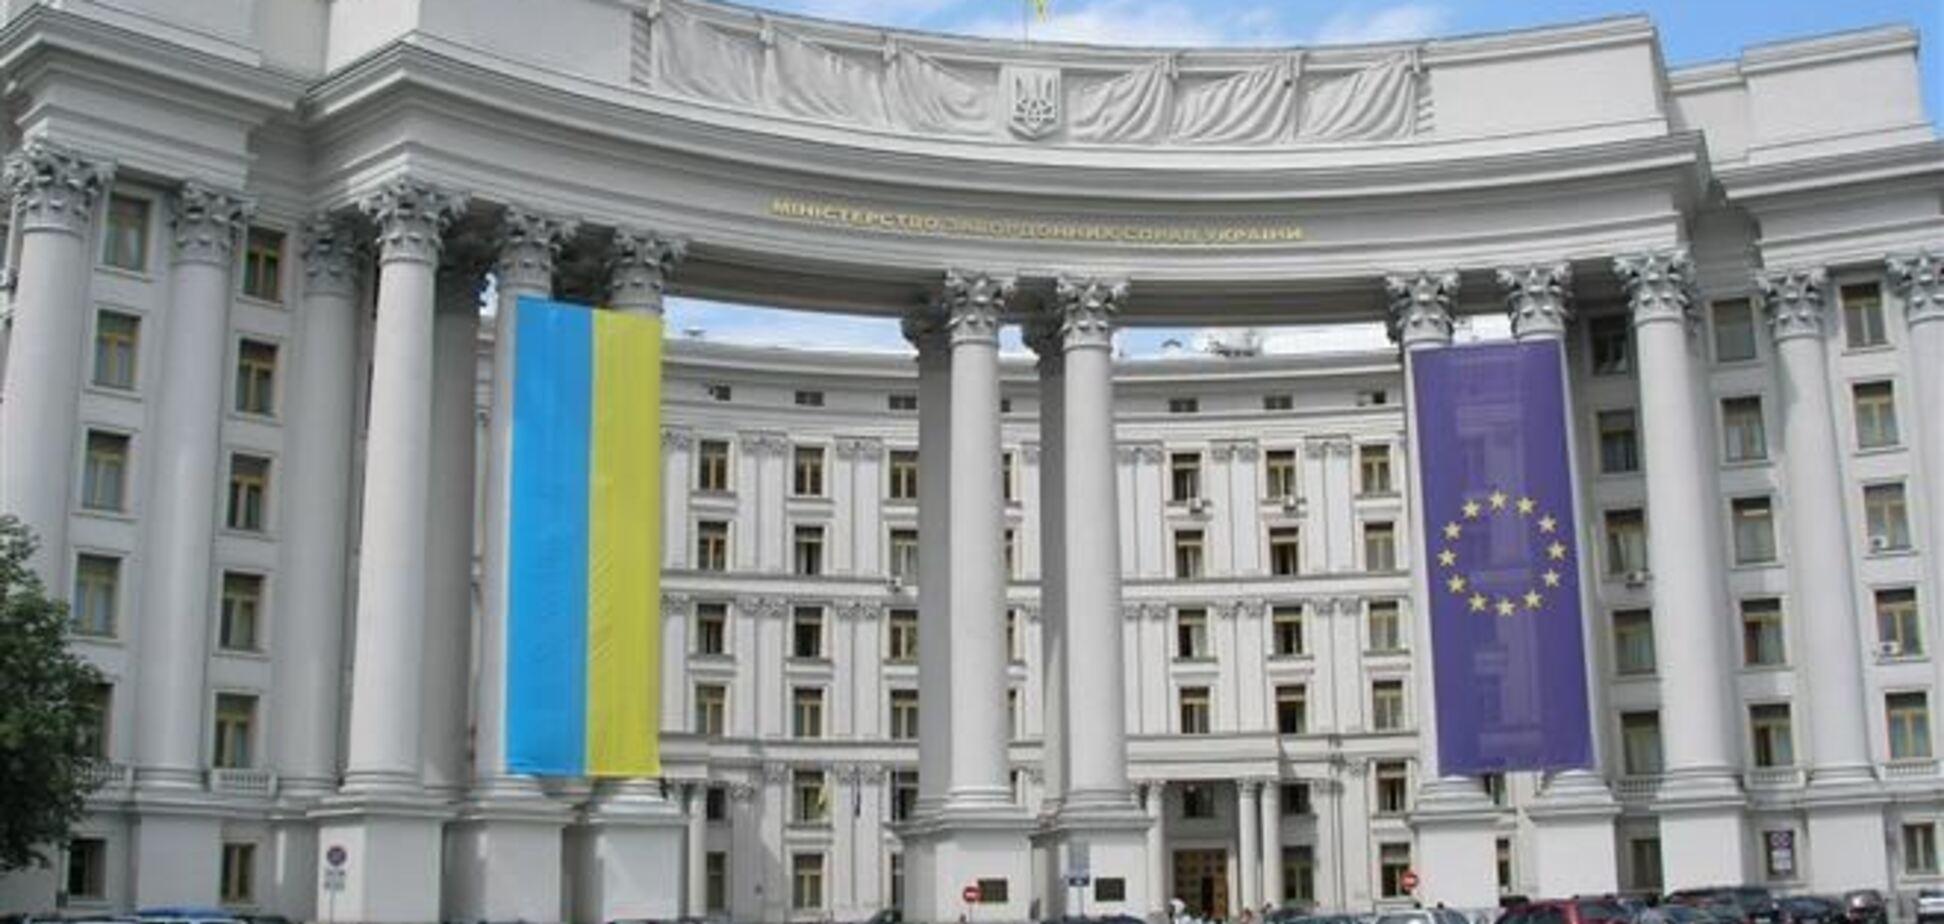 Росія залякує країни-члени ООН - МЗС України